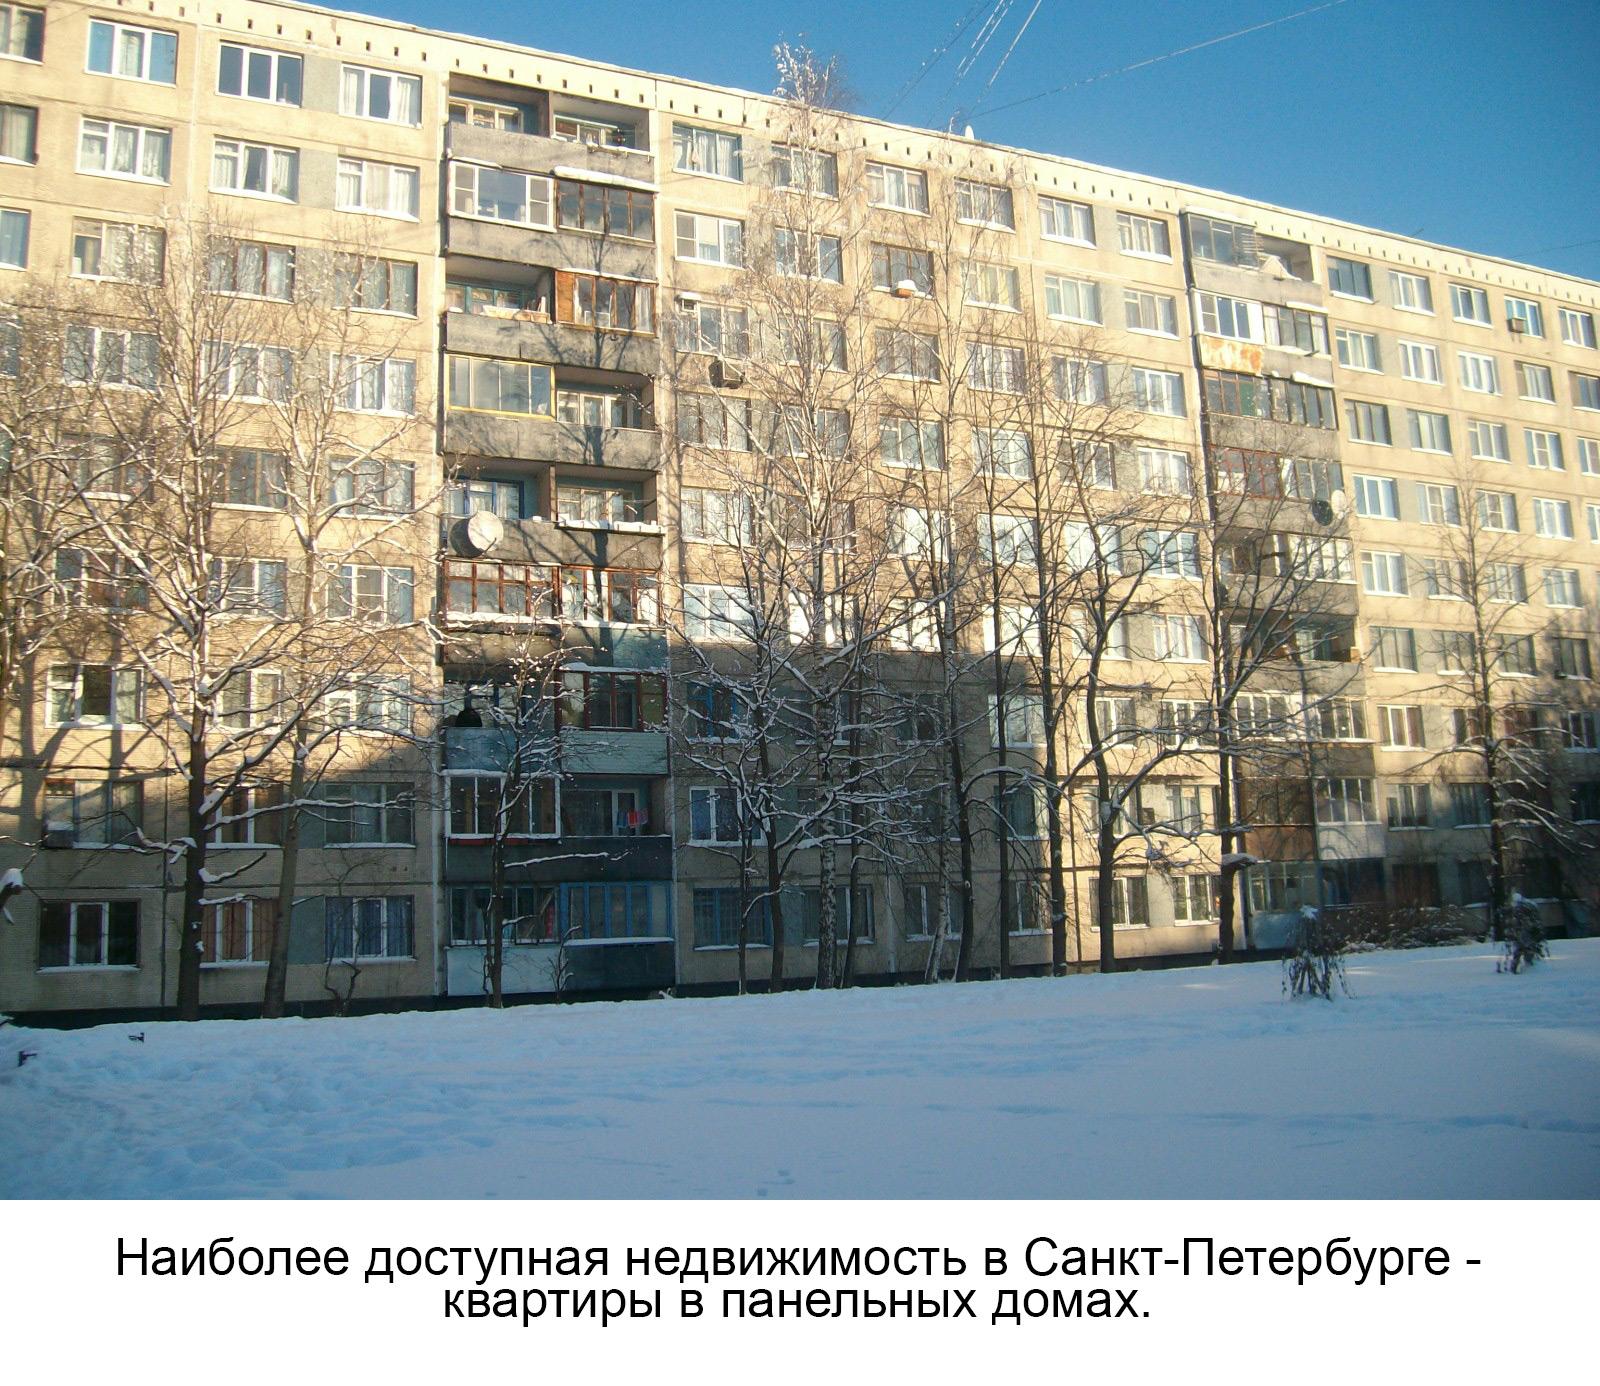 знакомства в санкт петербурге и ленинградской области